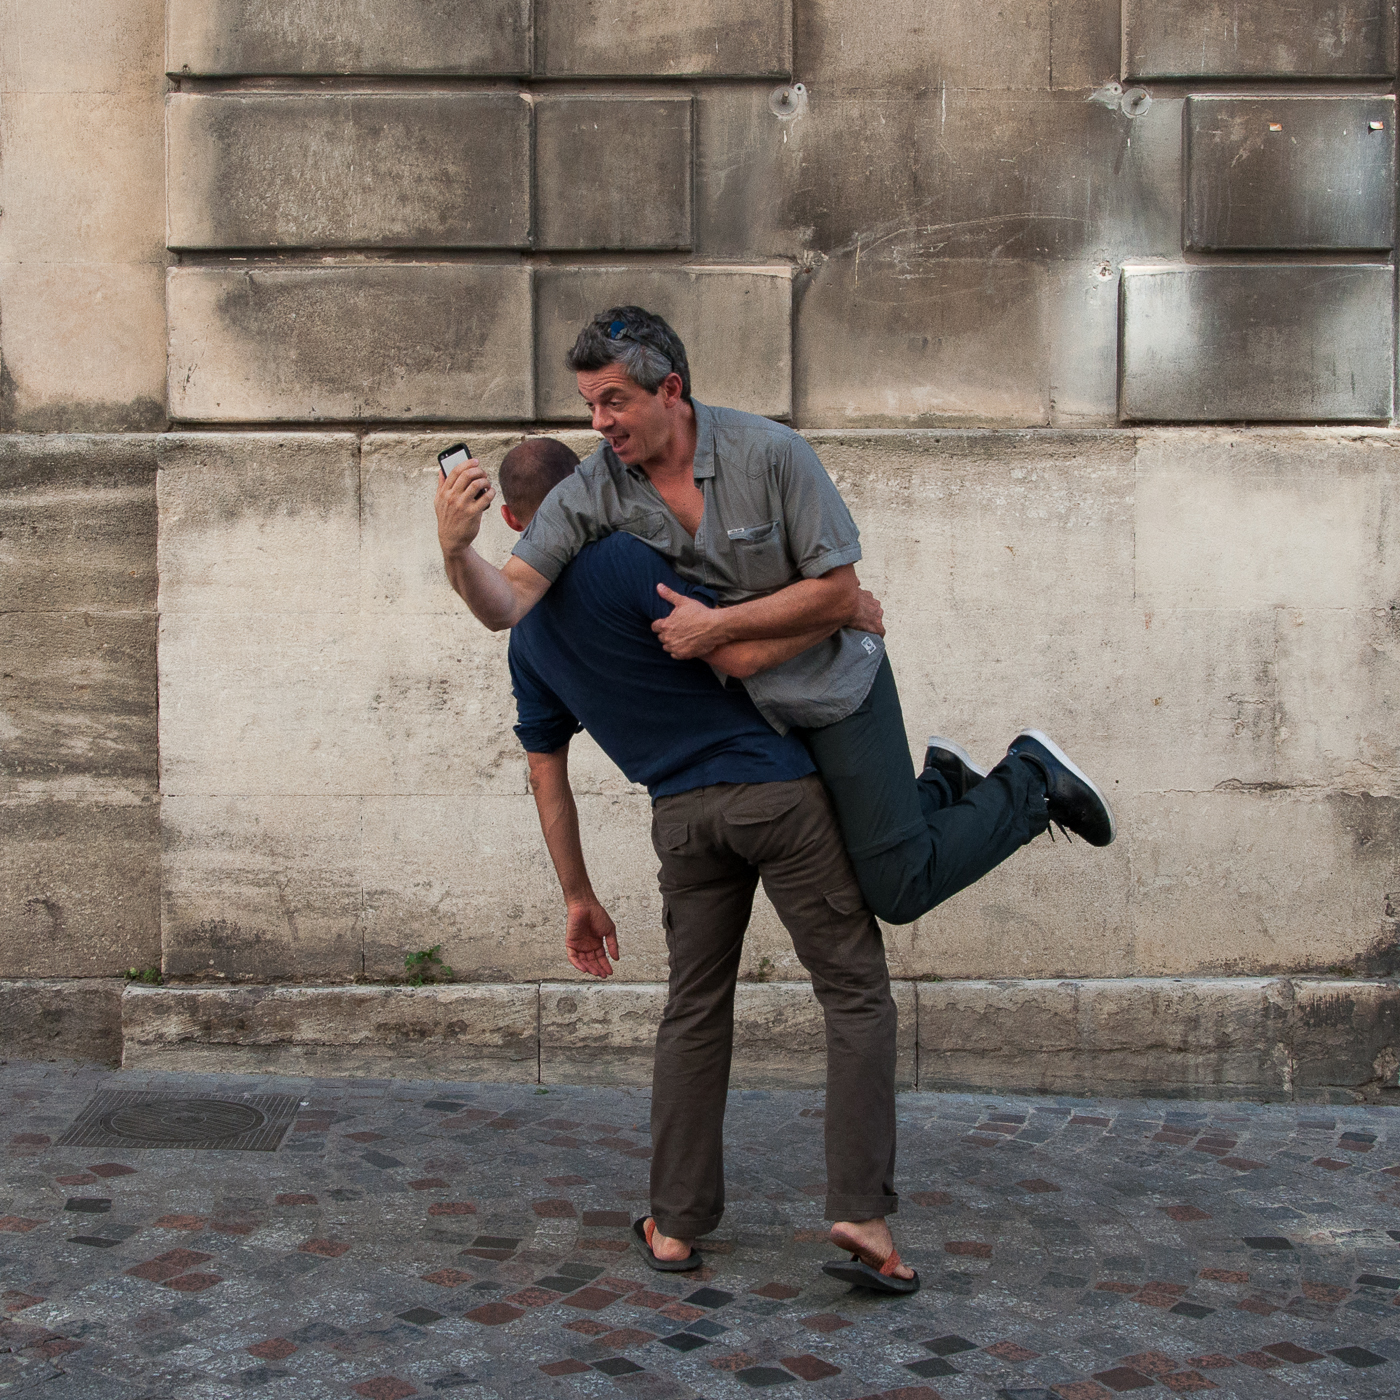 Arles 2015 - Selfie